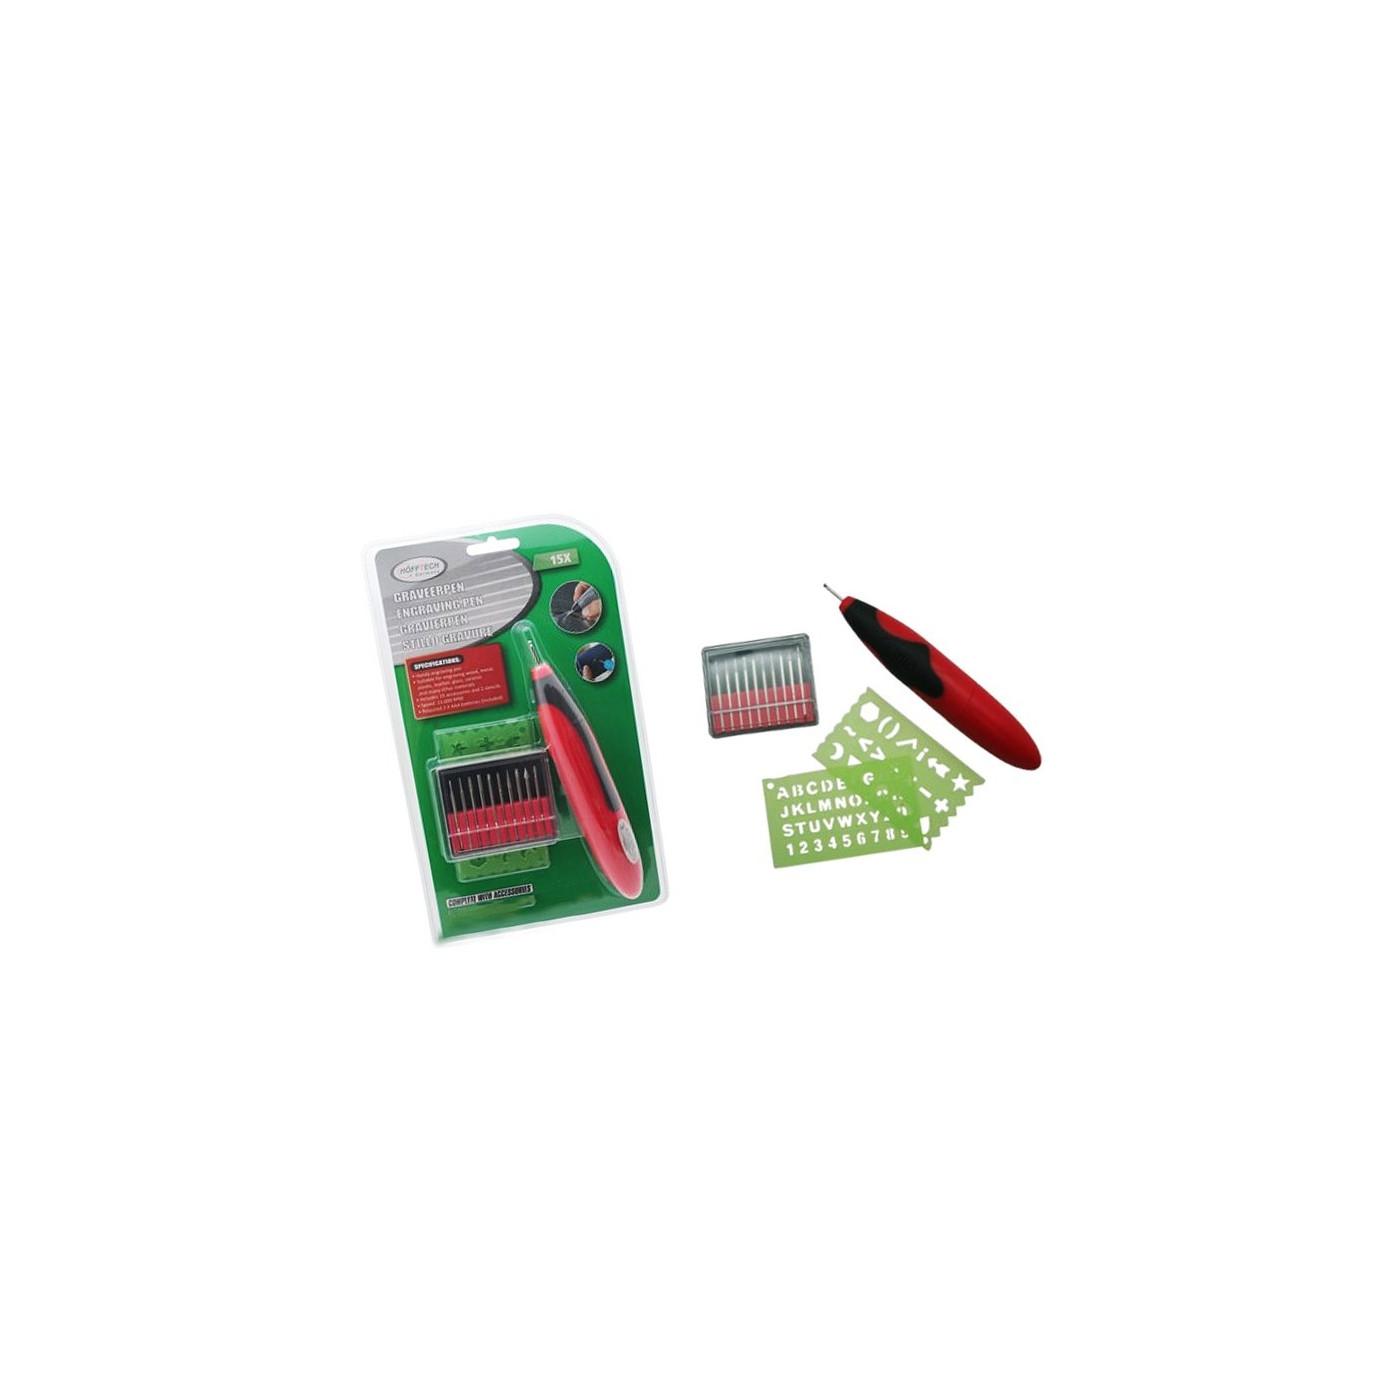 Mini gravador com acessórios (com baterias)  - 1